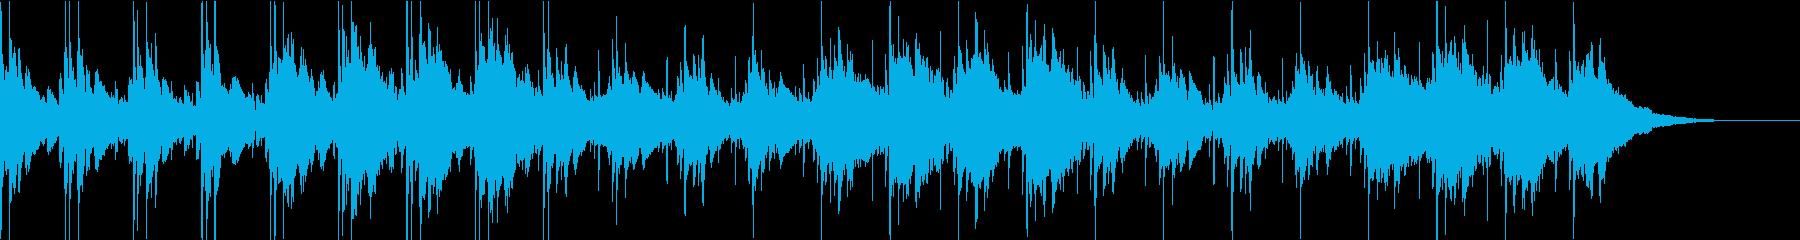 Pf「一歩」和風現代ジャズの再生済みの波形